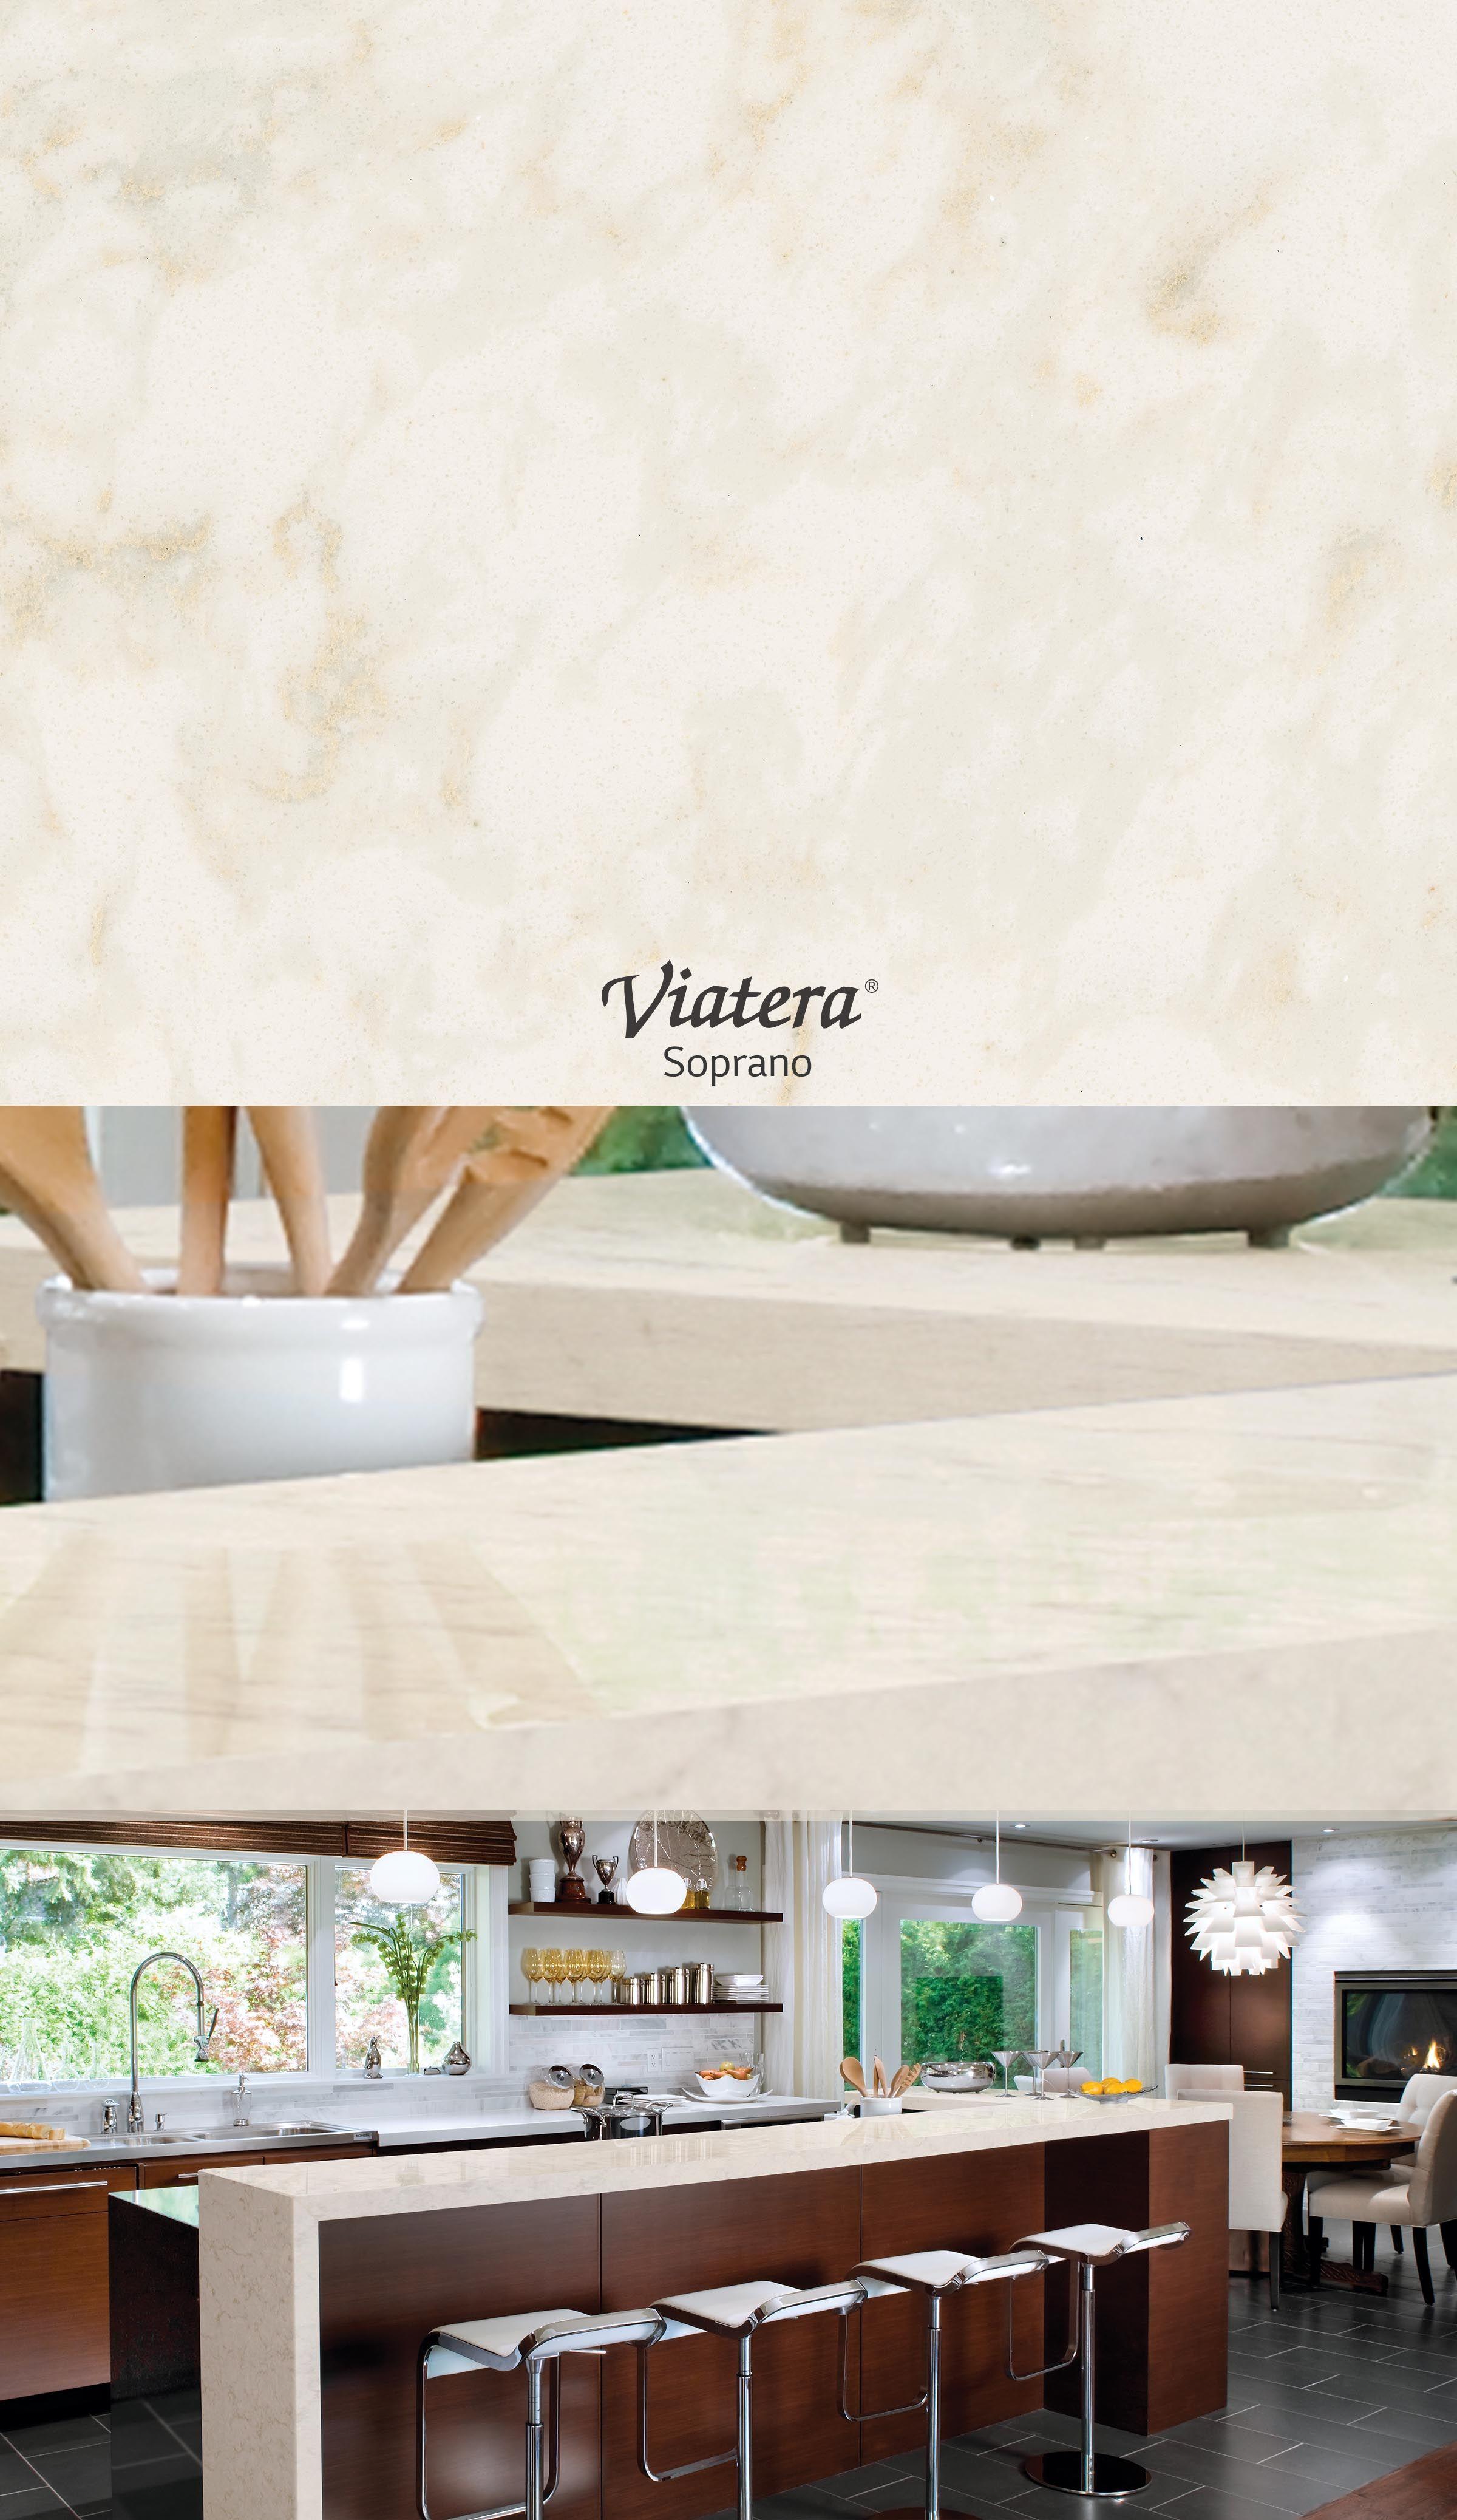 Viatera Soprano L Quartz Countertop Quartz Countertops Quartz